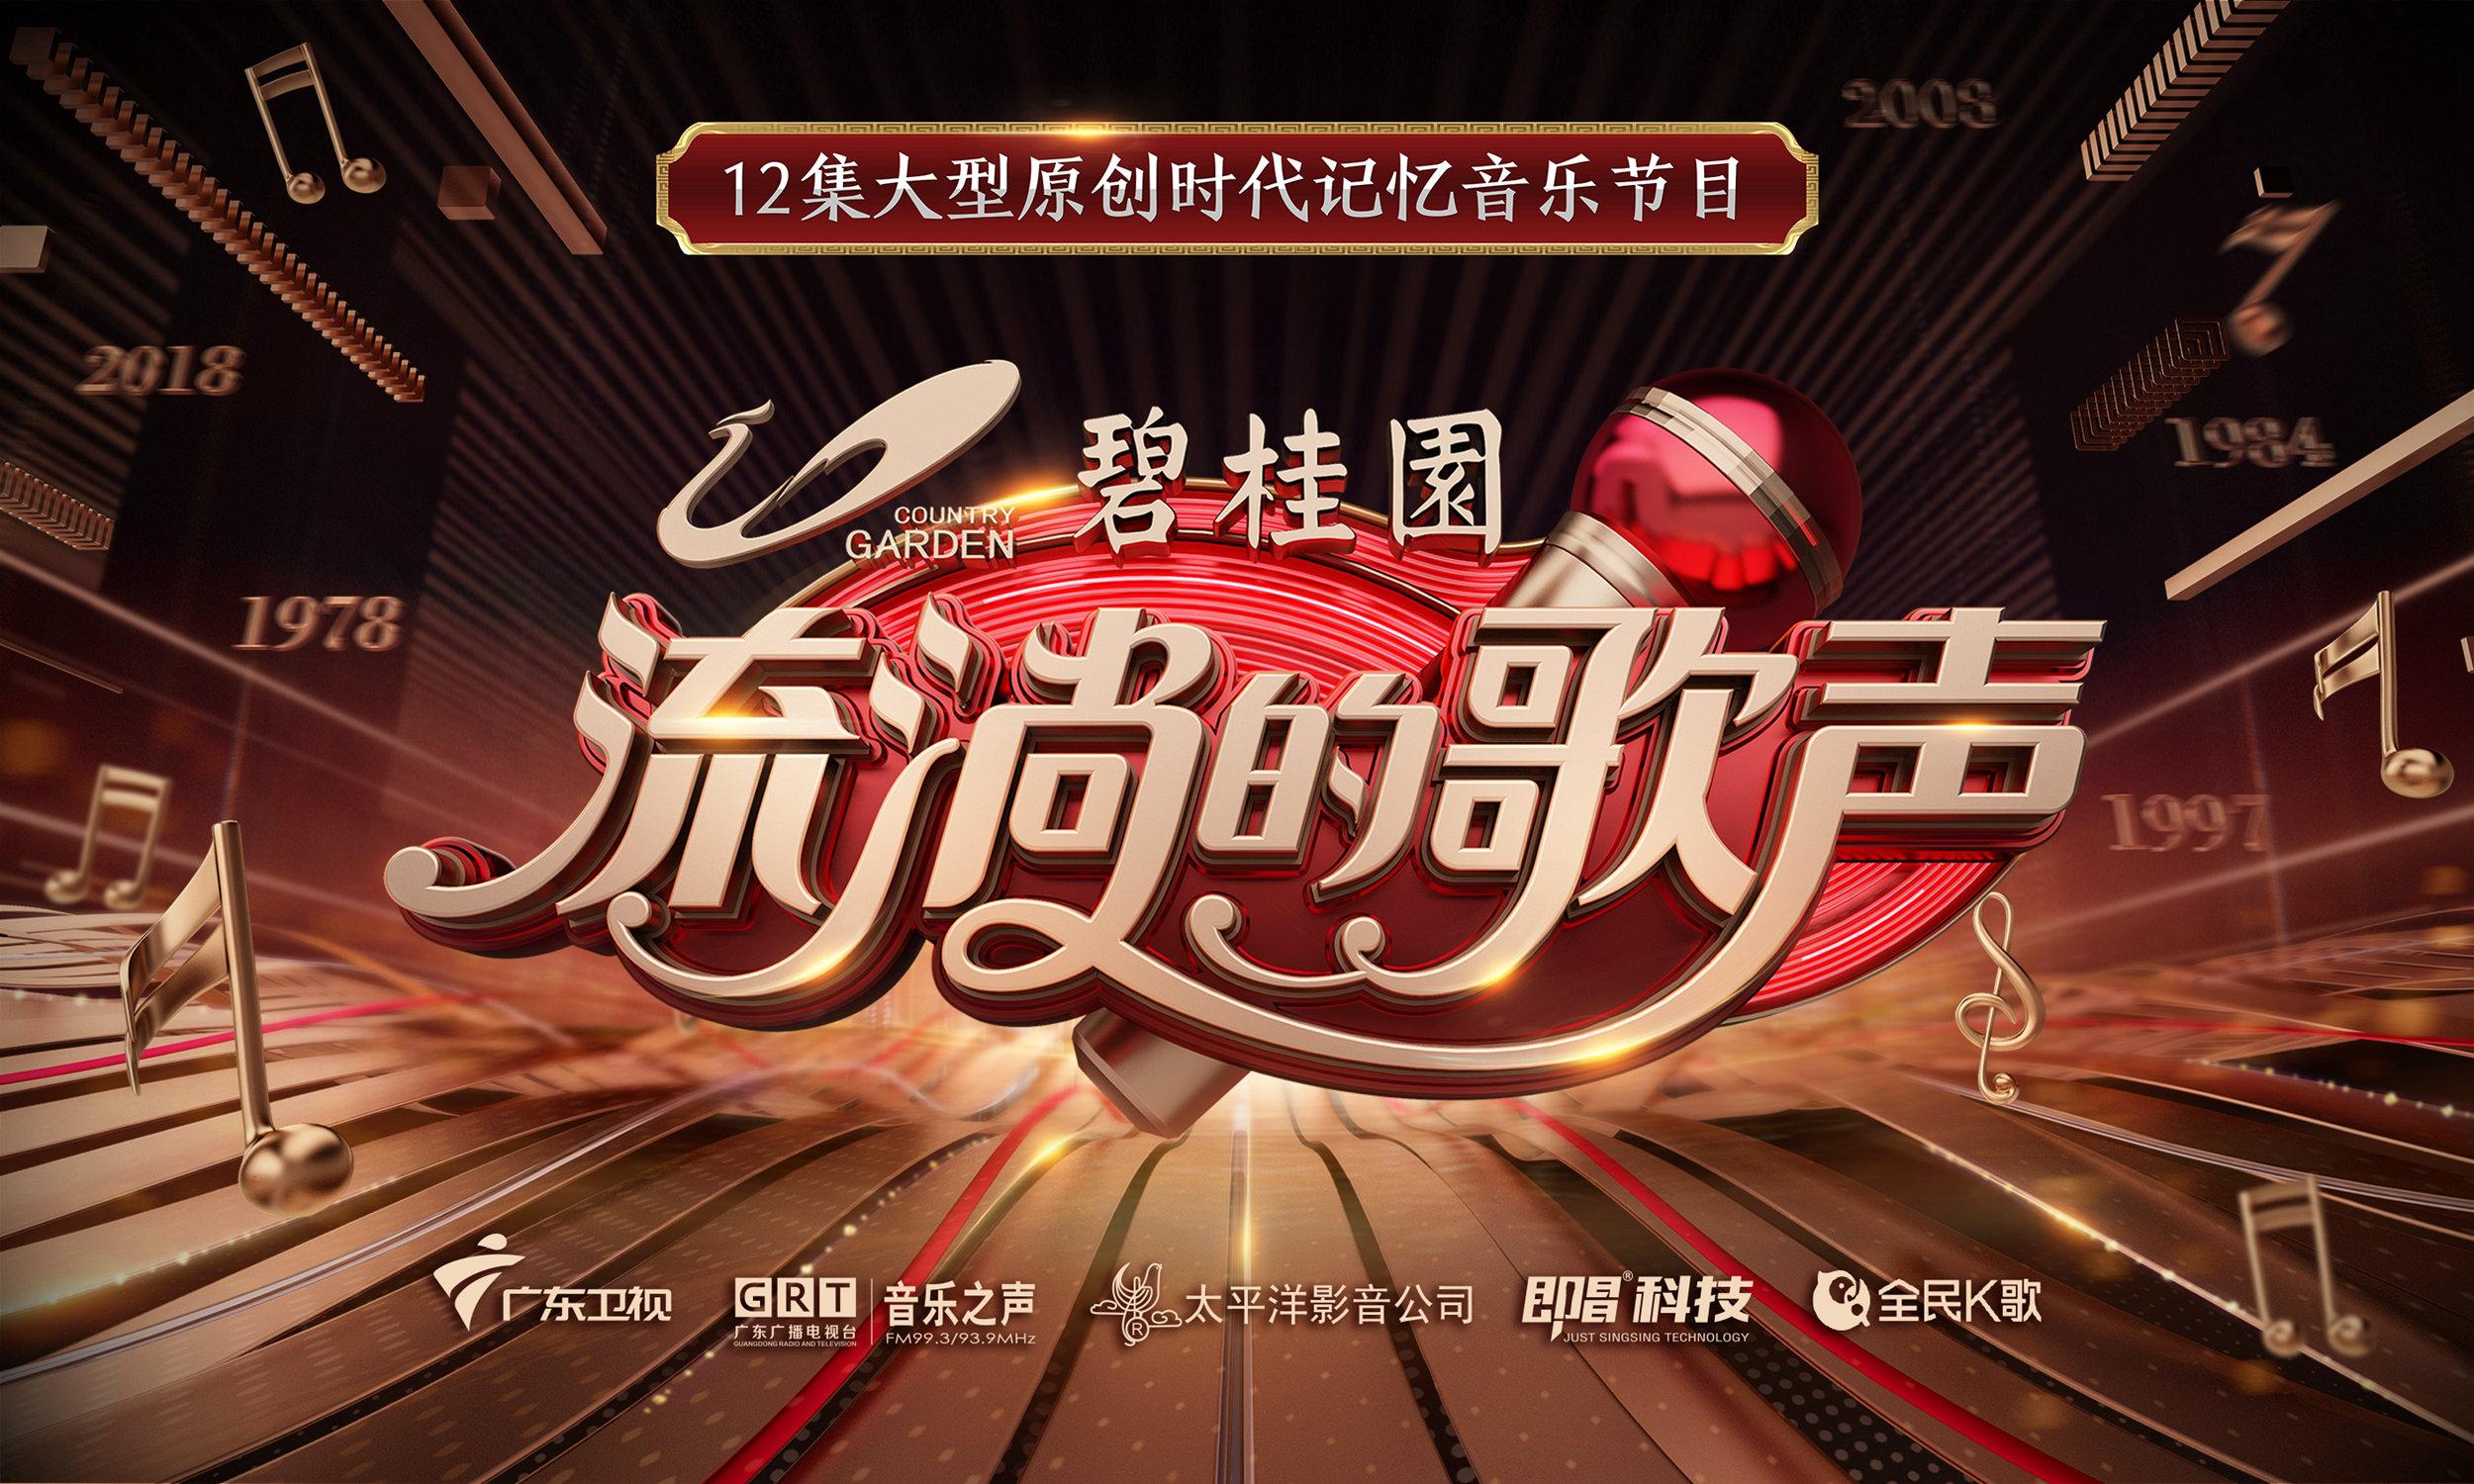 广东卫视《流淌的歌声》开机!唱响改革开放40年时代强音